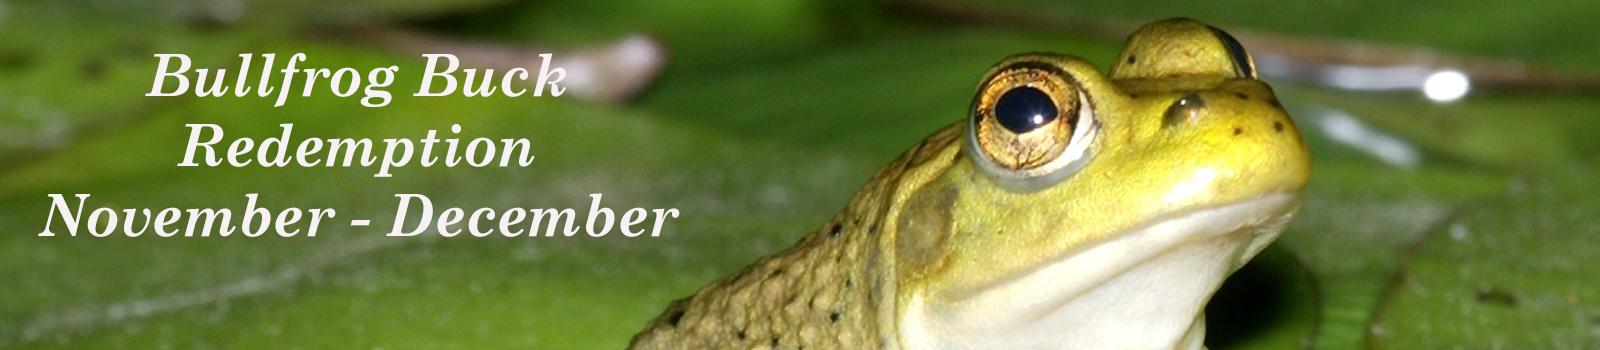 Bullfrog Redemption begins November 1st